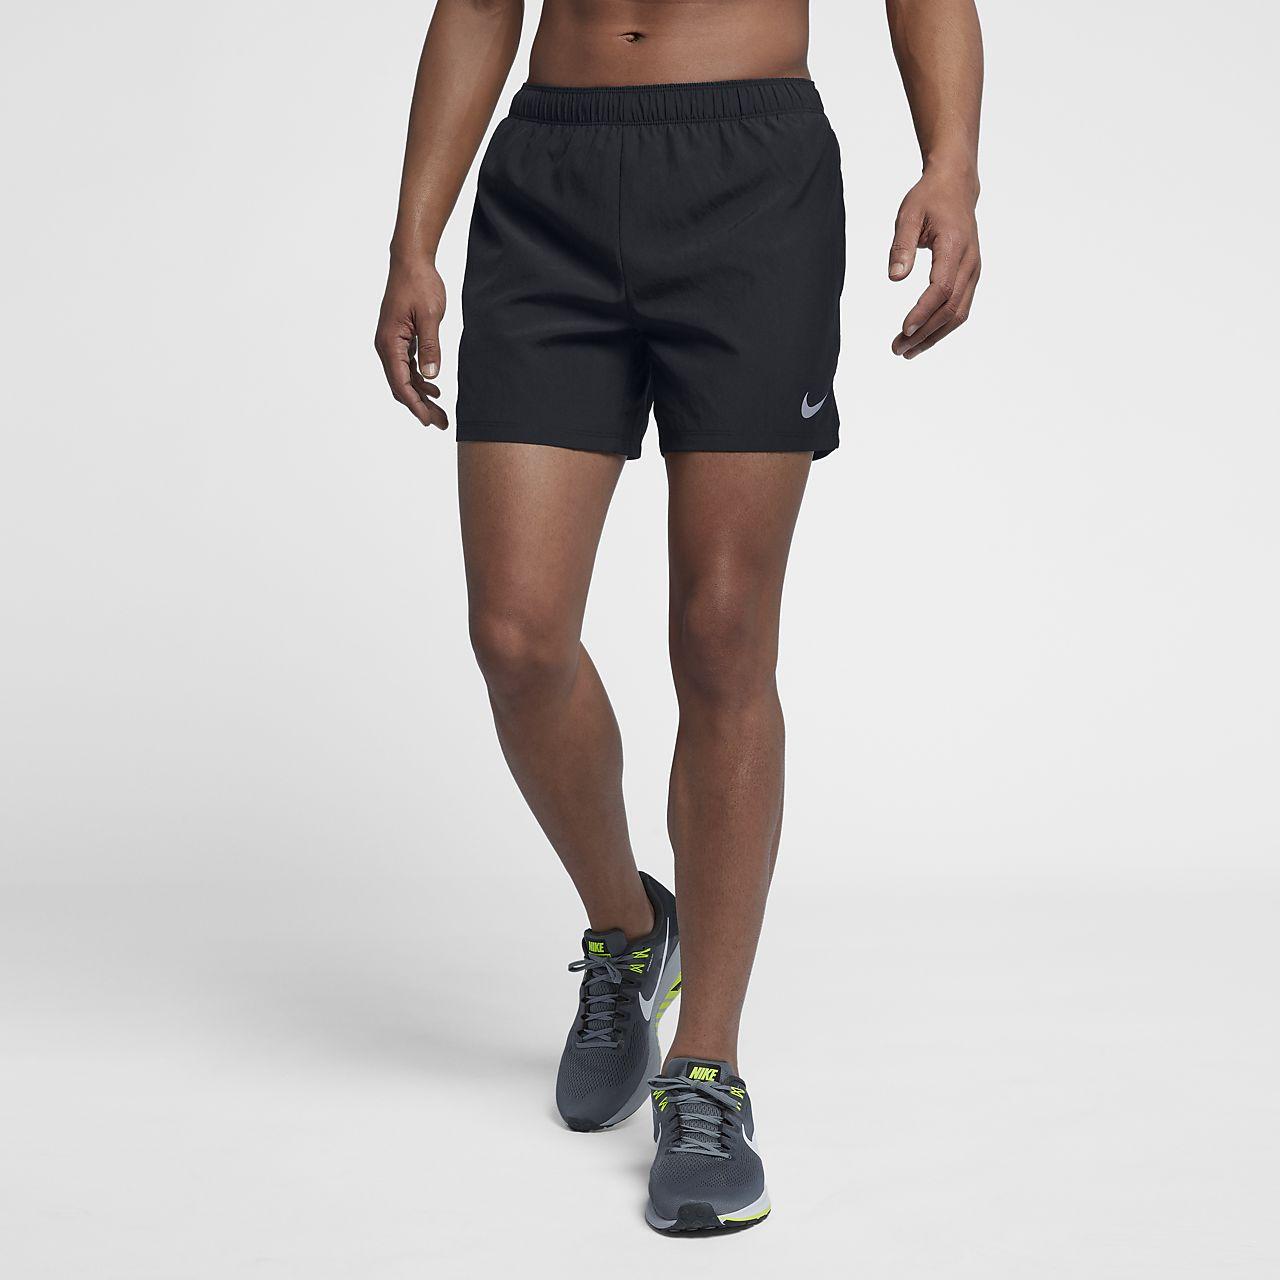 62291b1f4f83 Nike Challenger Men s 5